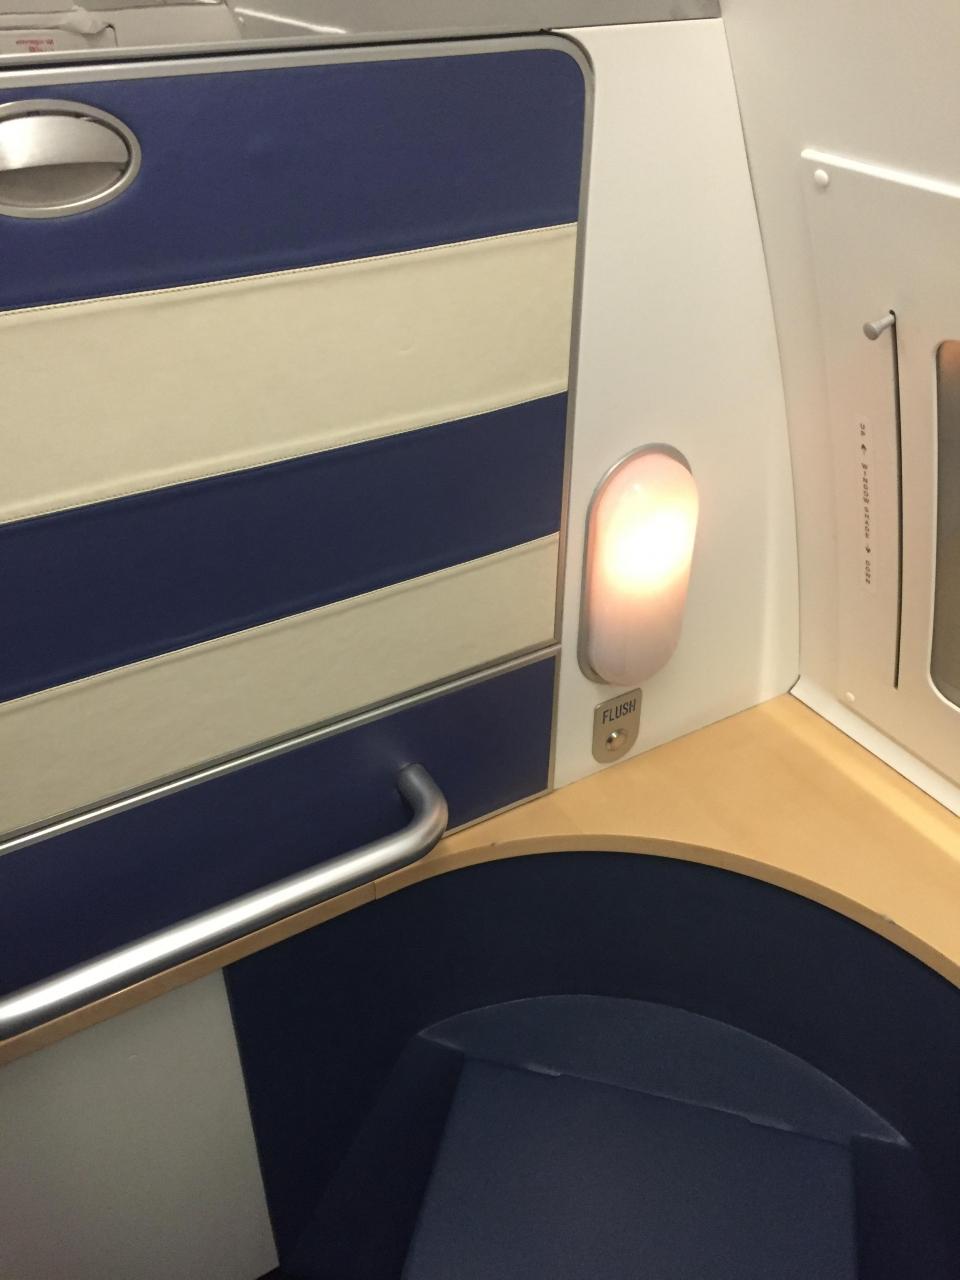 無駄に広いsas機内トイレとコペンハーゲン空港ラウンジ』コペンハーゲン